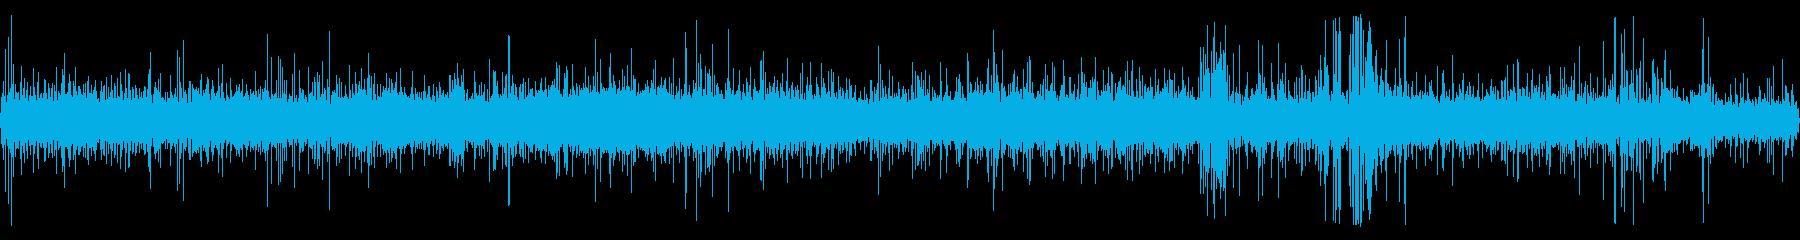 雨と遠くの工事現場の音 2の再生済みの波形